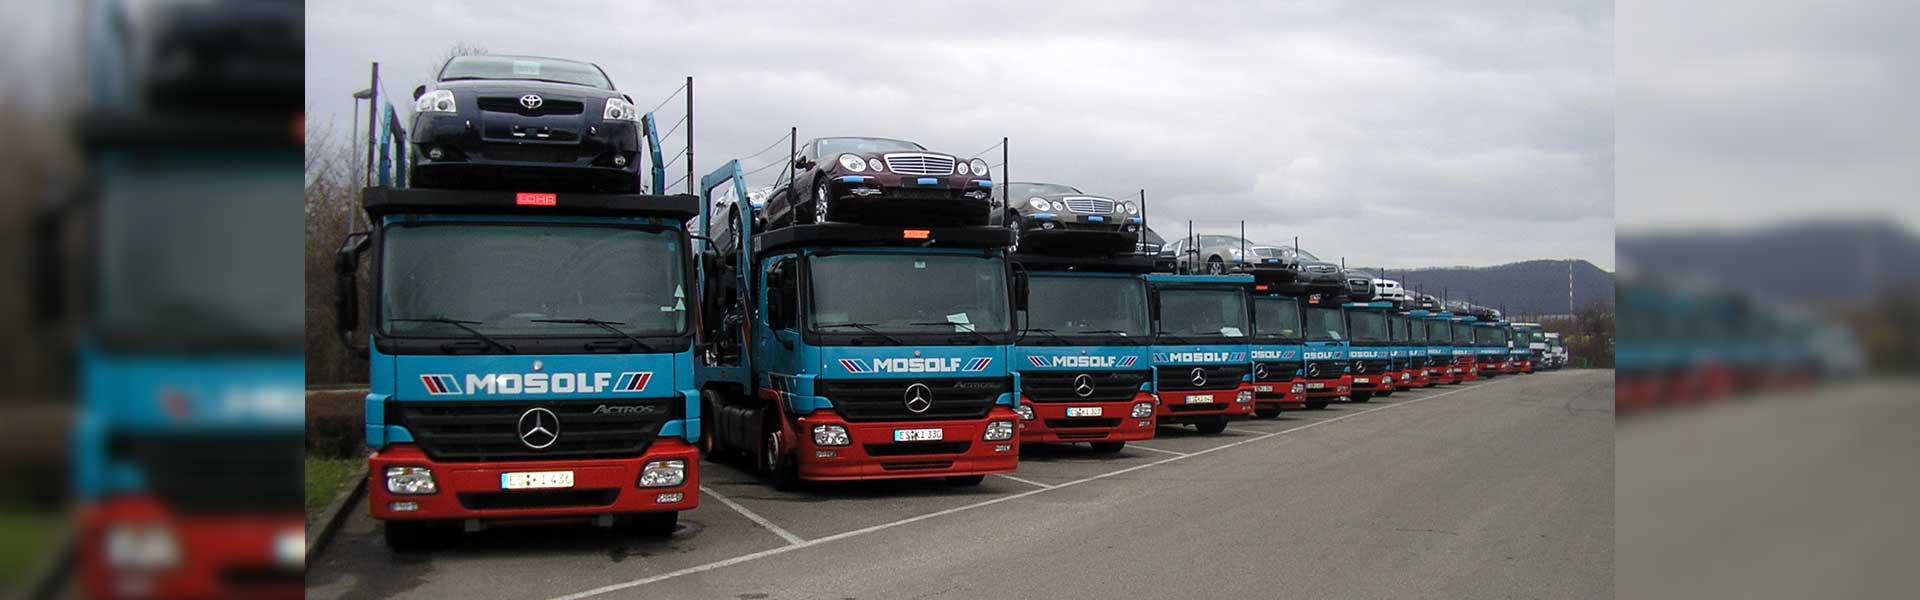 Beschriftung einer LKW Flotte mit Logos und Schriftzügen